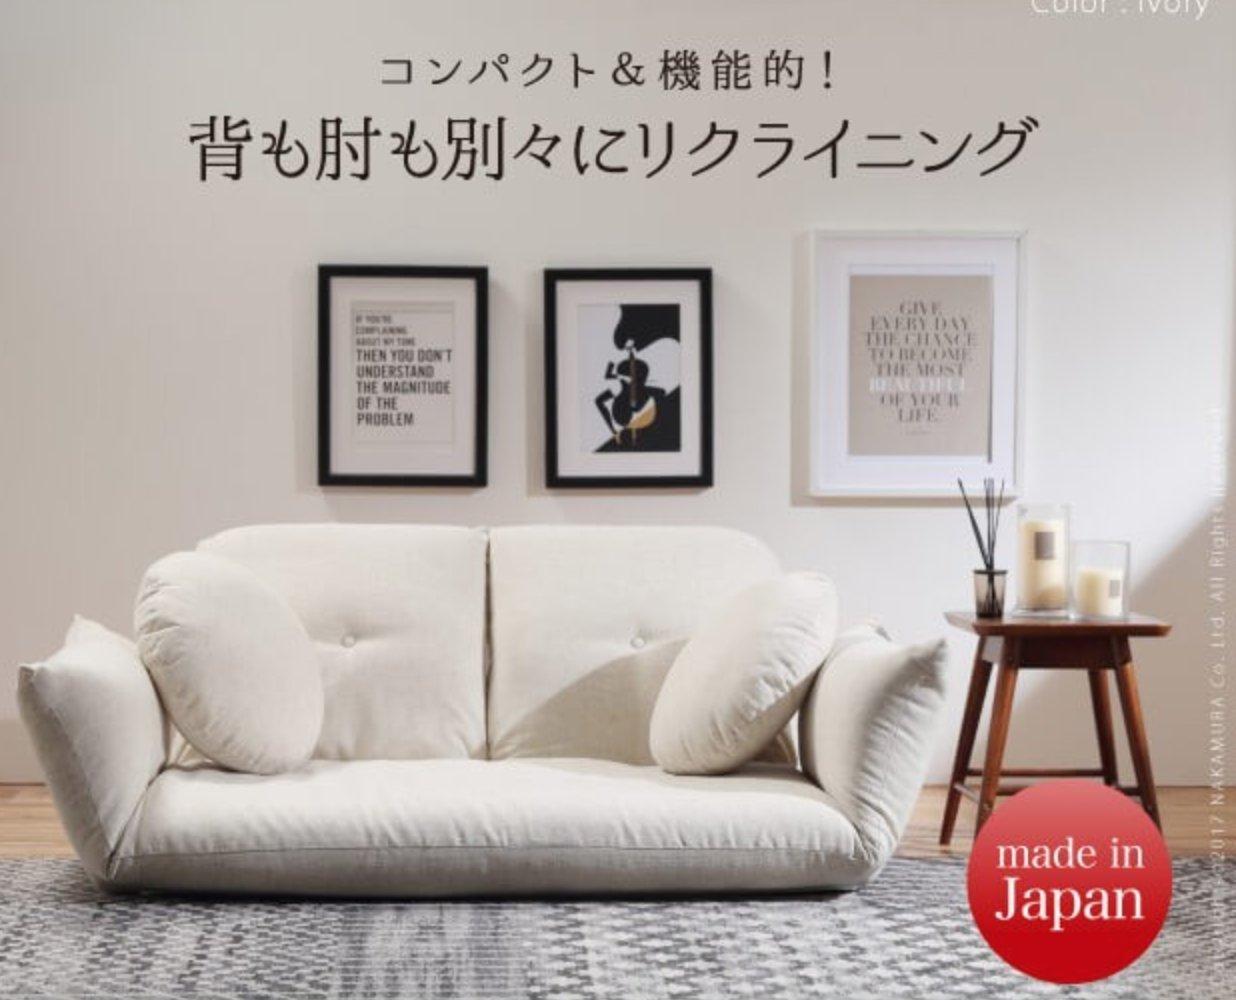 日本製 5段階リクライニング2人掛けローソファー (アイボリー) B0768HMVND アイボリー アイボリー